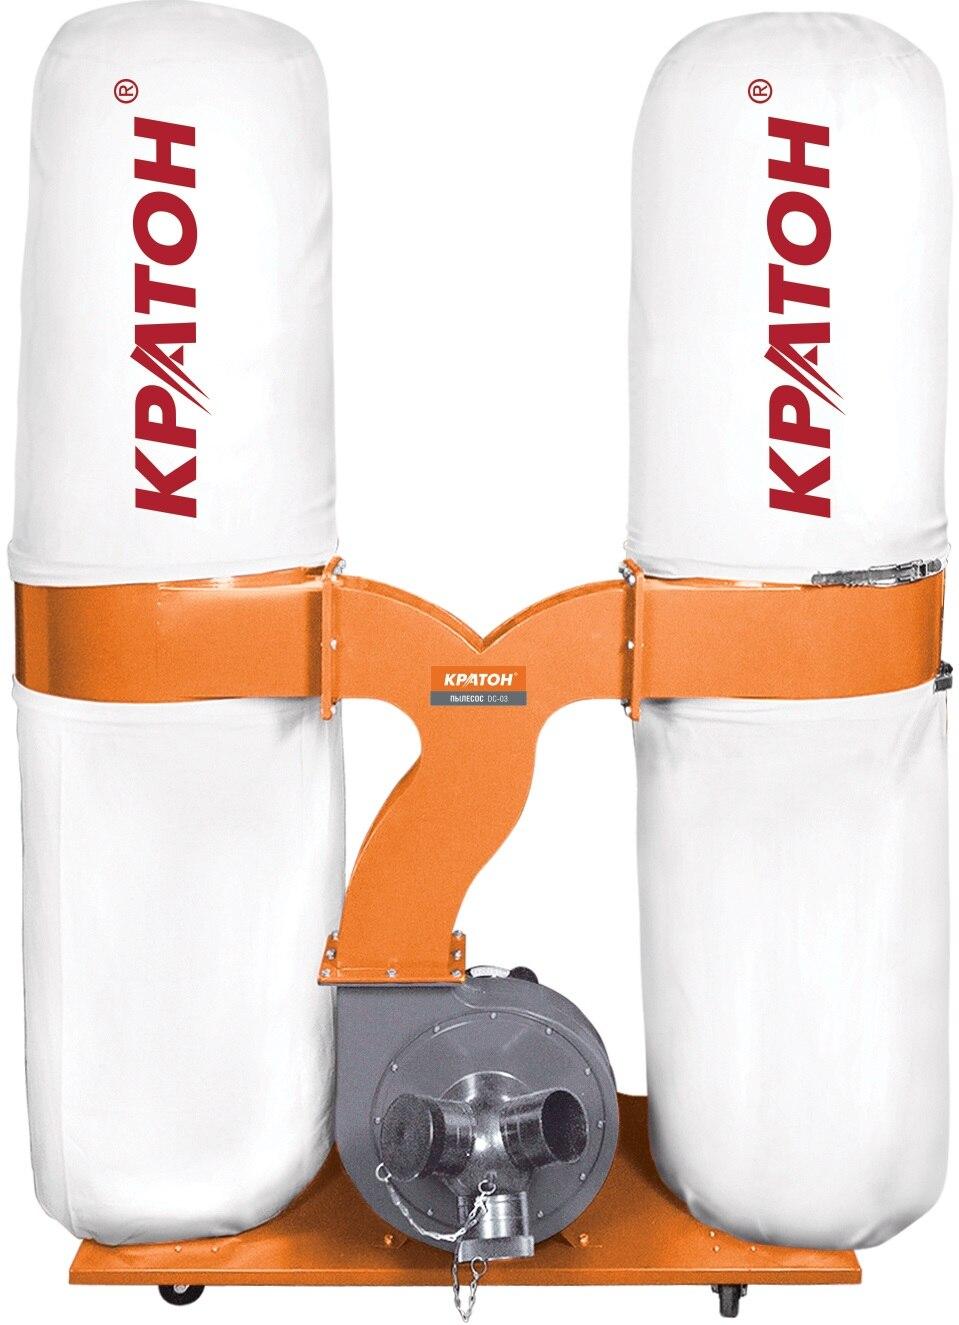 Vacuum cleaner Kraton DC-03